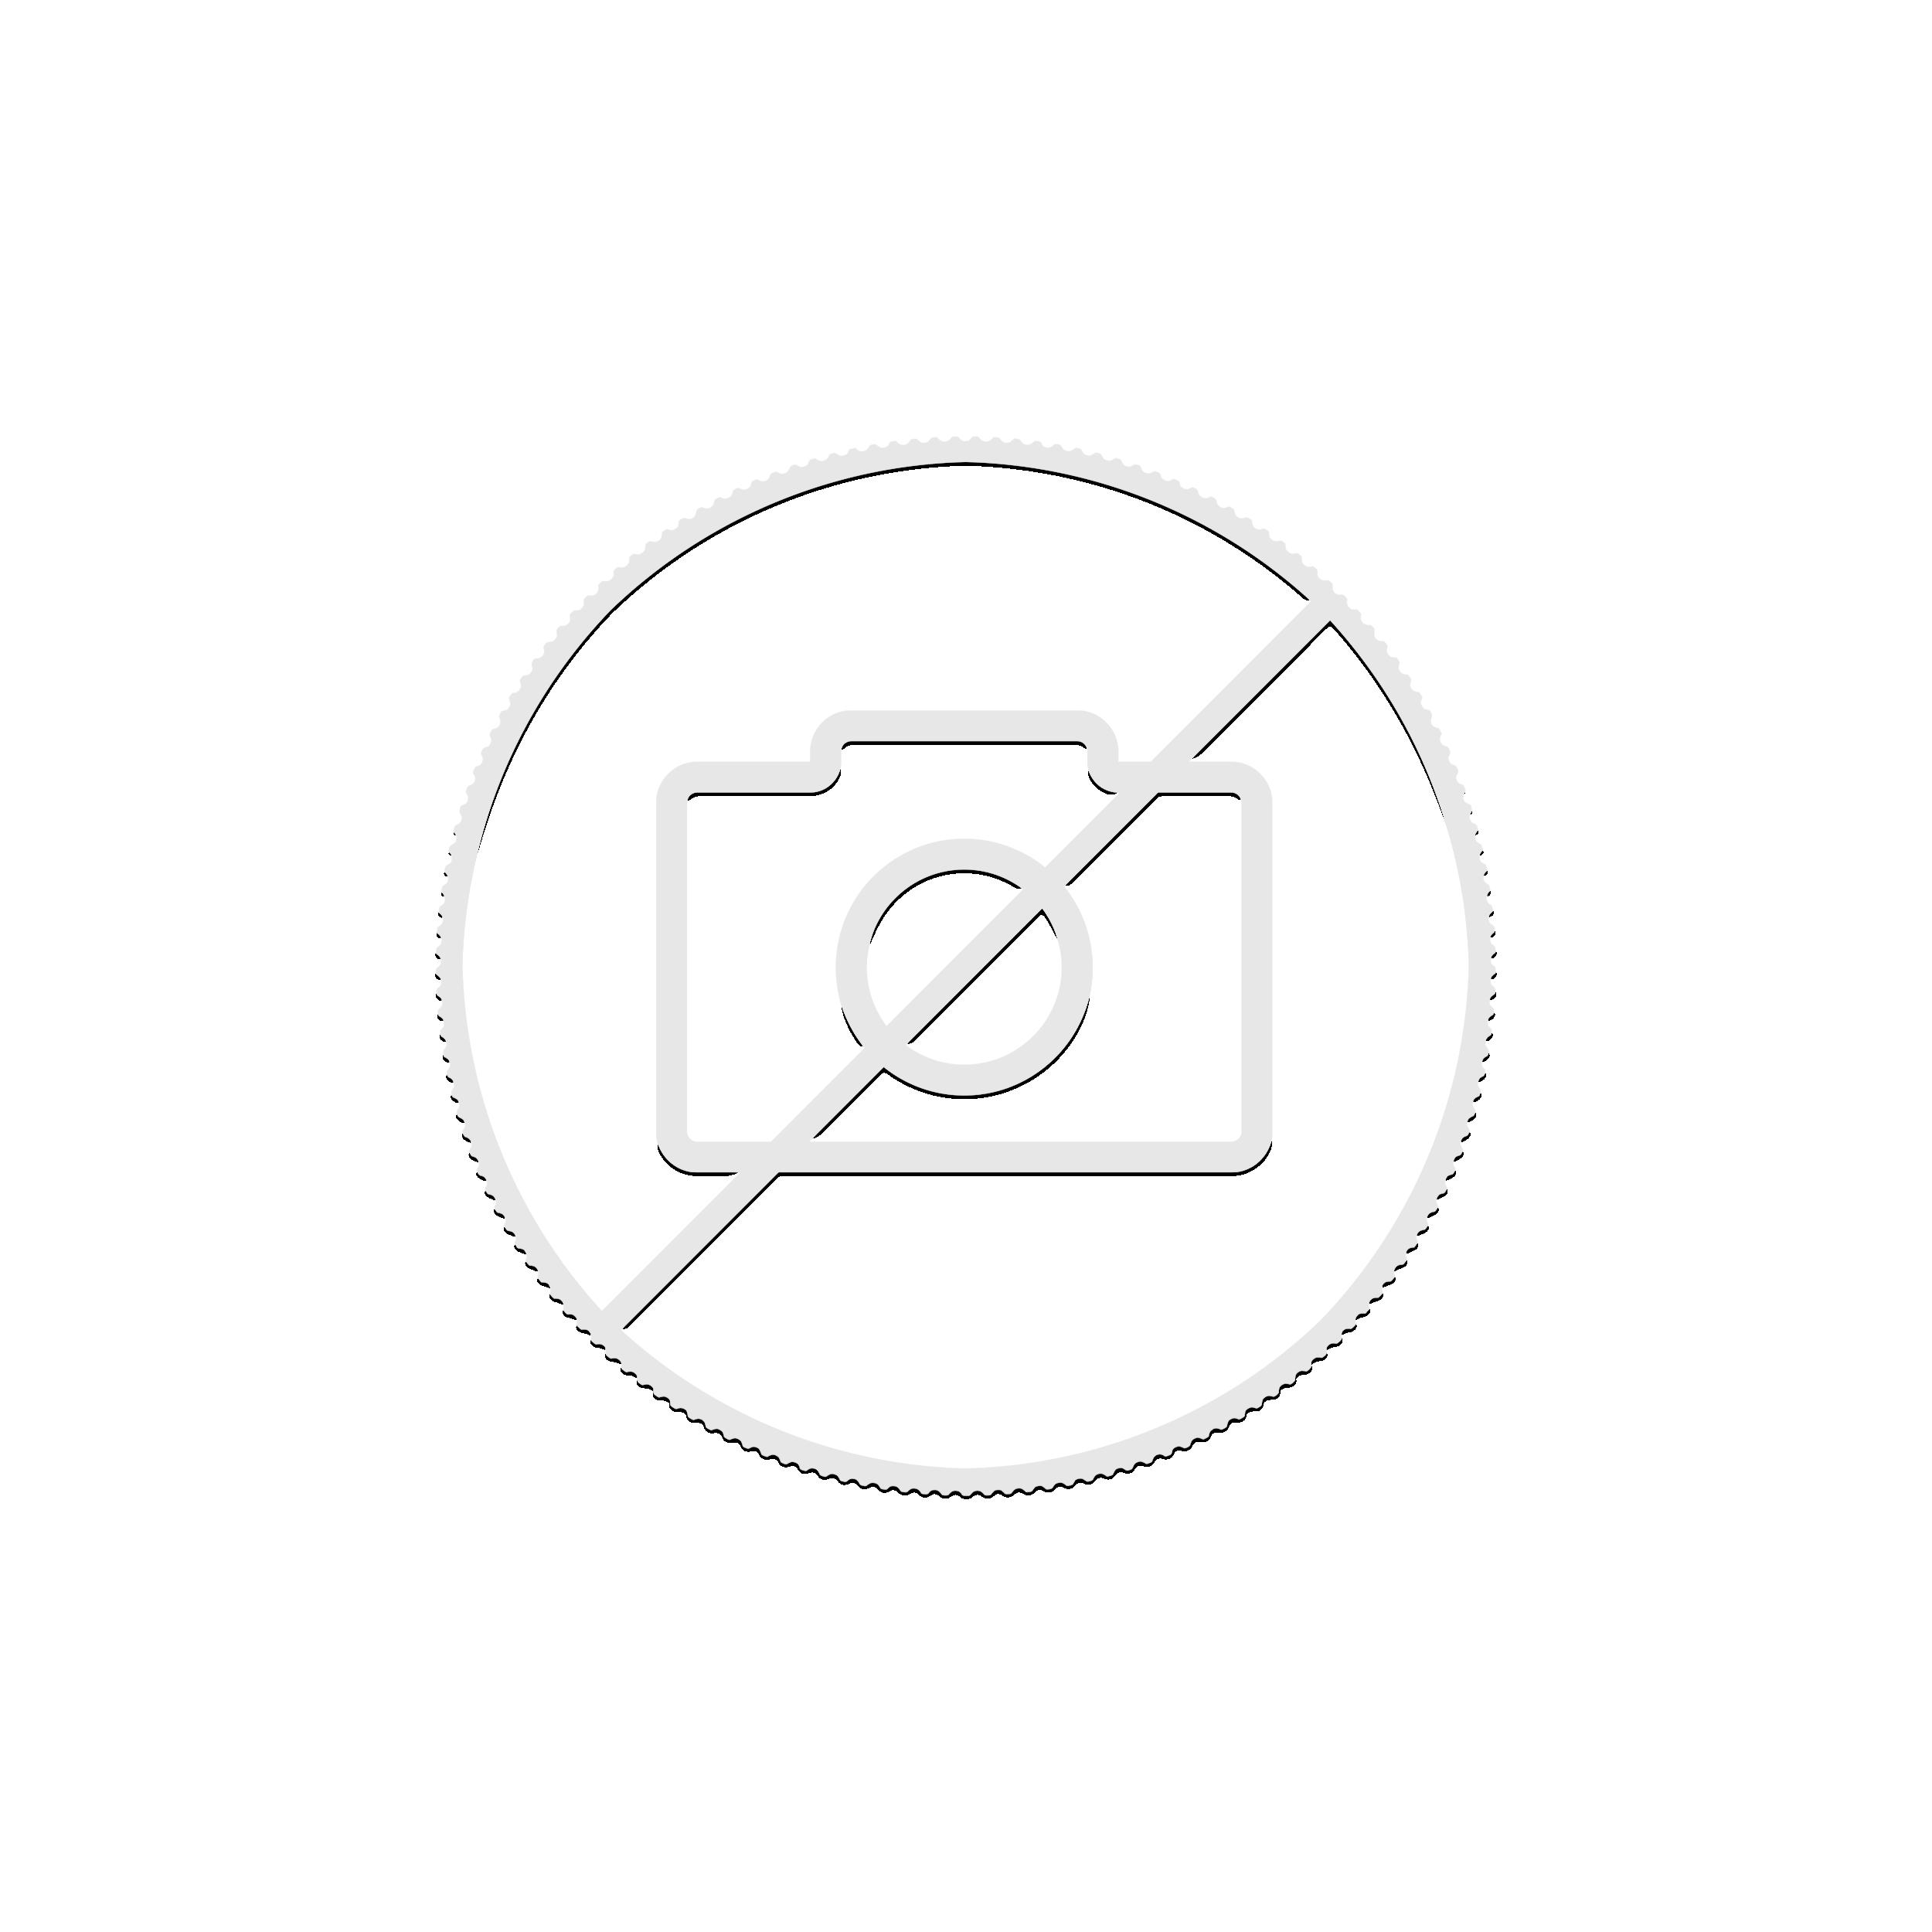 30 Grams silver coin Panda 2018